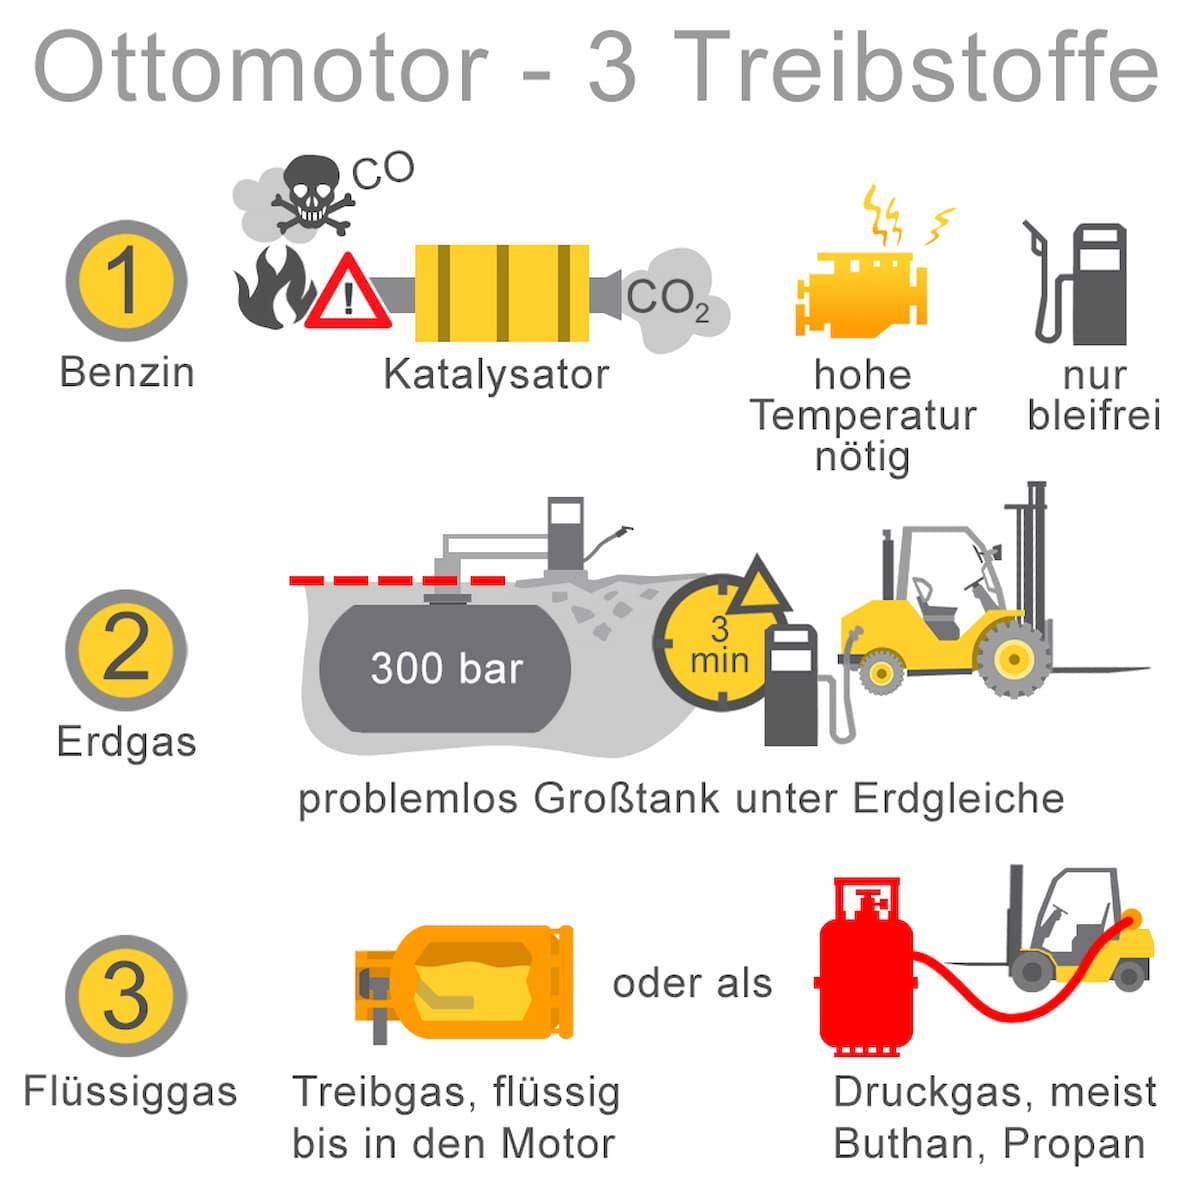 Für den Ottomotor können drei Treibstoffe genutzt werden